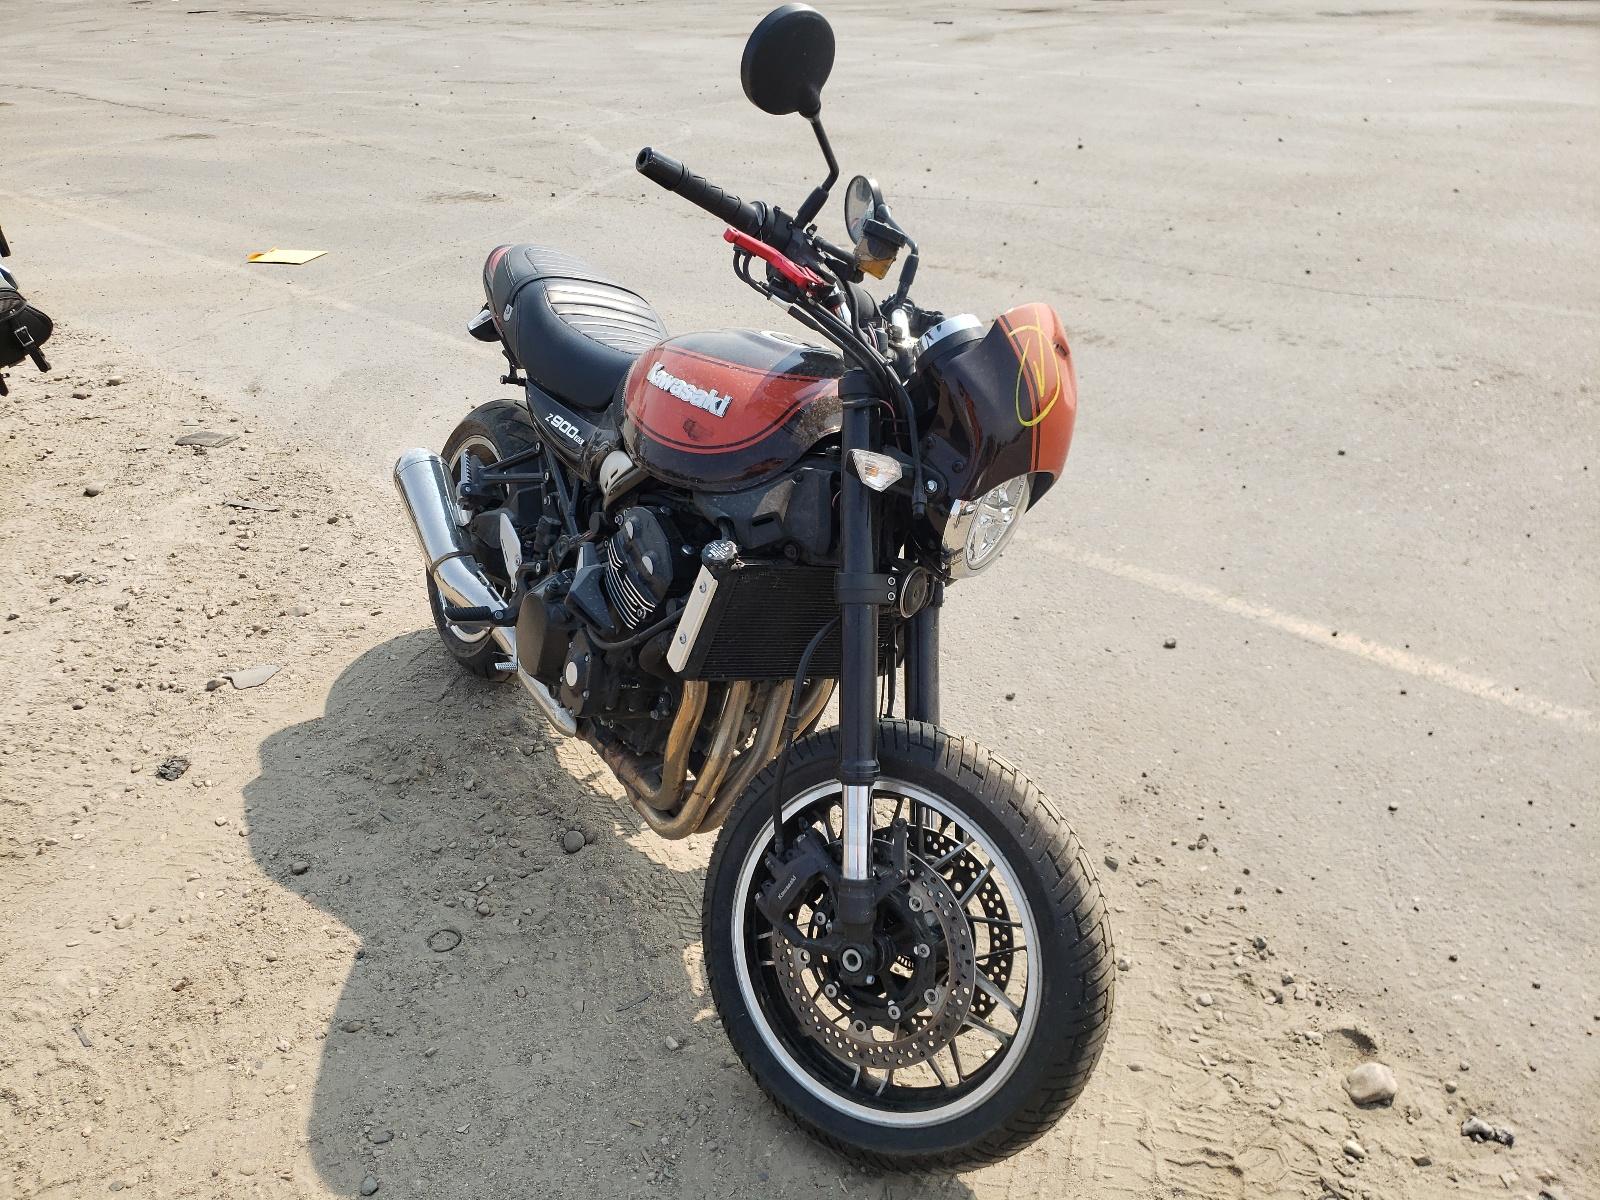 2018 Kawasaki ZR900 R